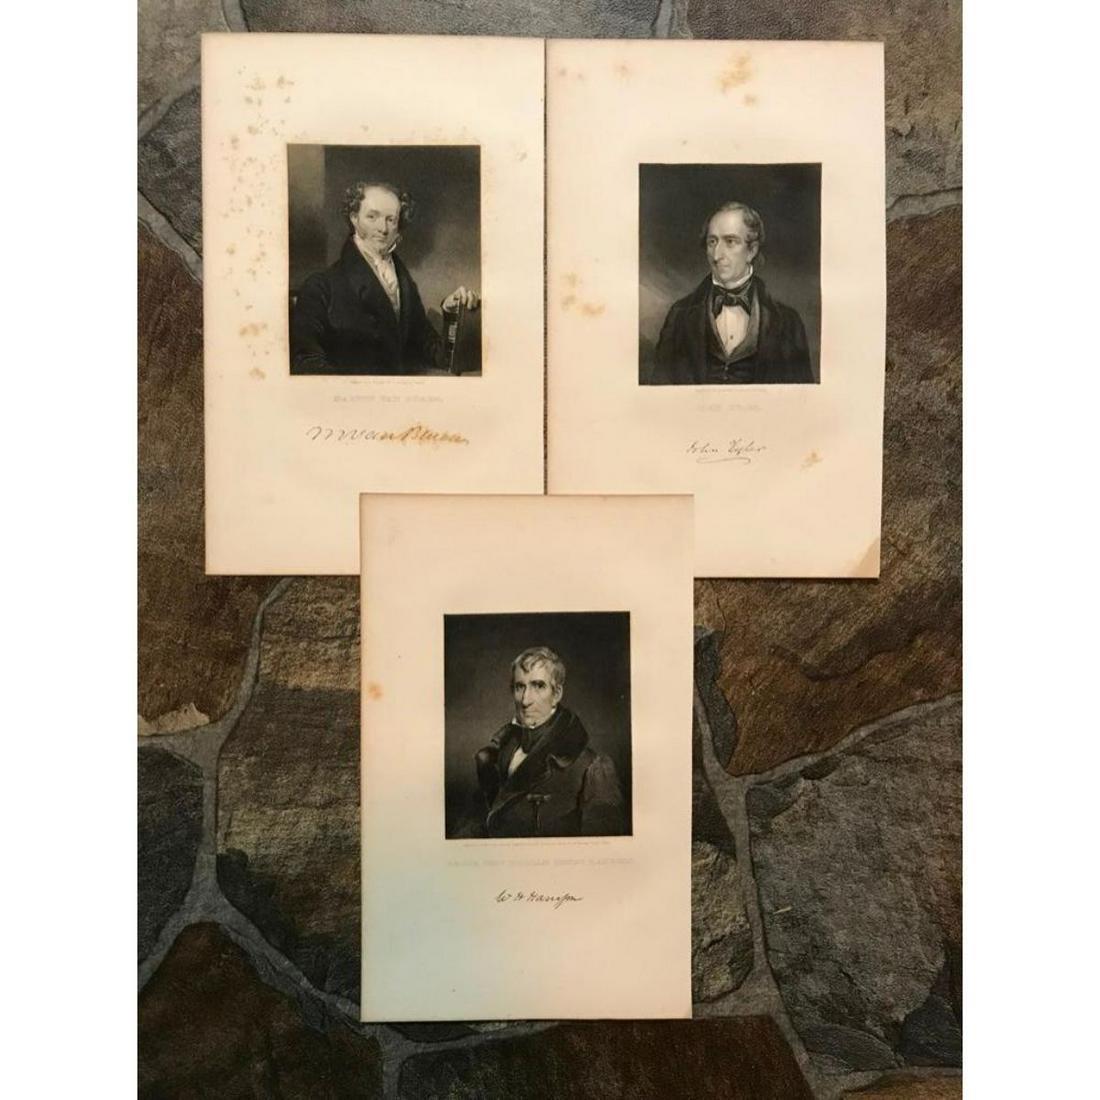 19thc Steel Engravings, United States Presidents, Van